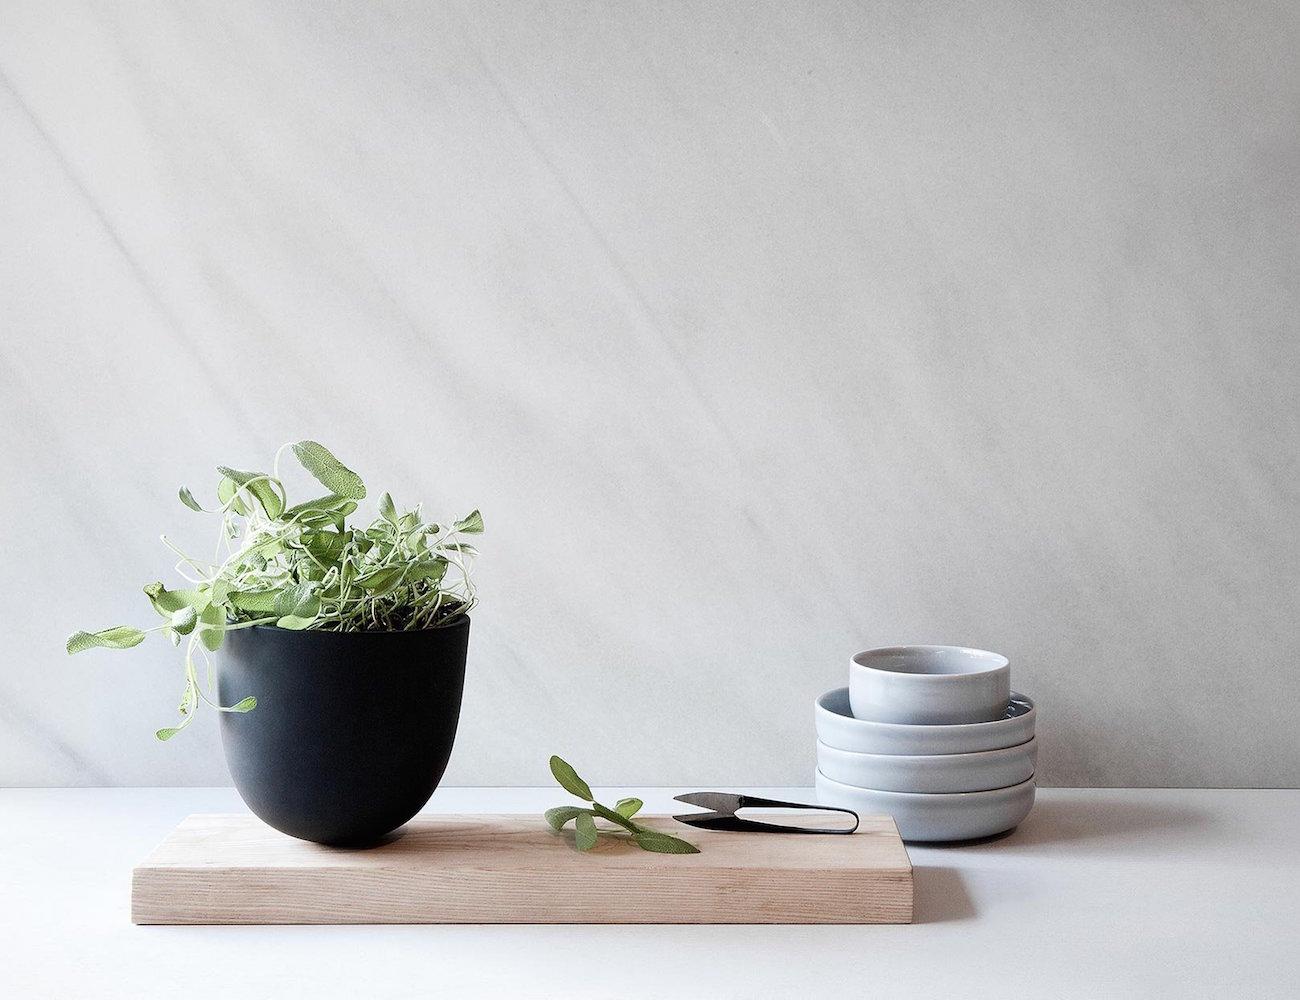 Grow Pot & Cutting Board by Menu